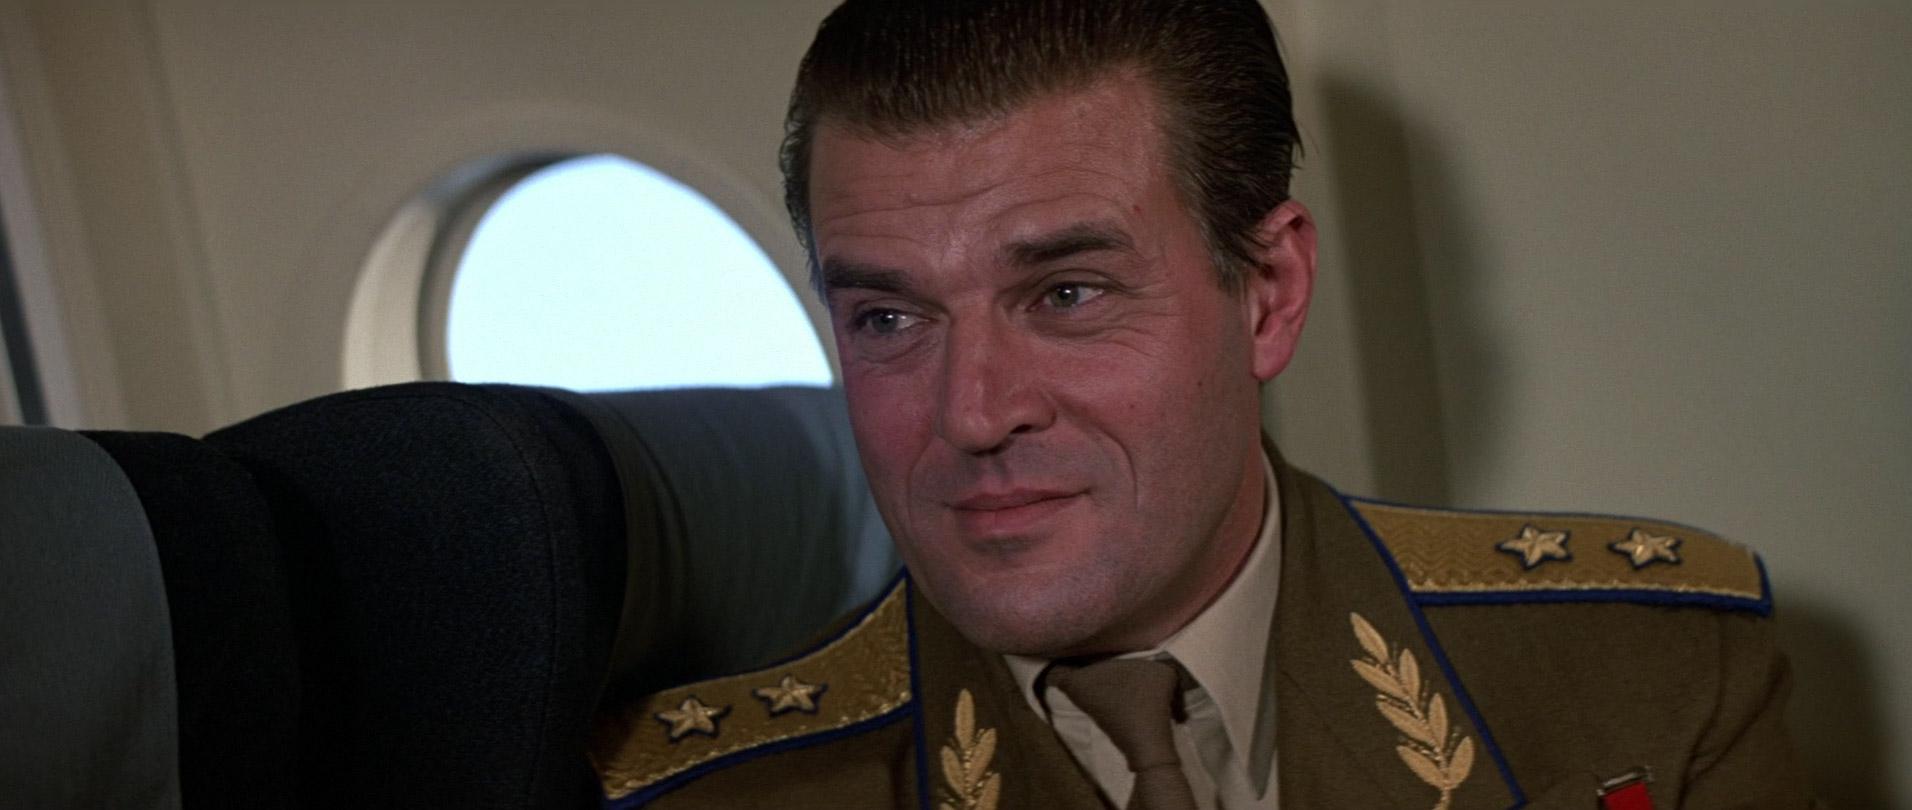 File:General Koskov (Jeroen Krabbé) - Profile.jpg